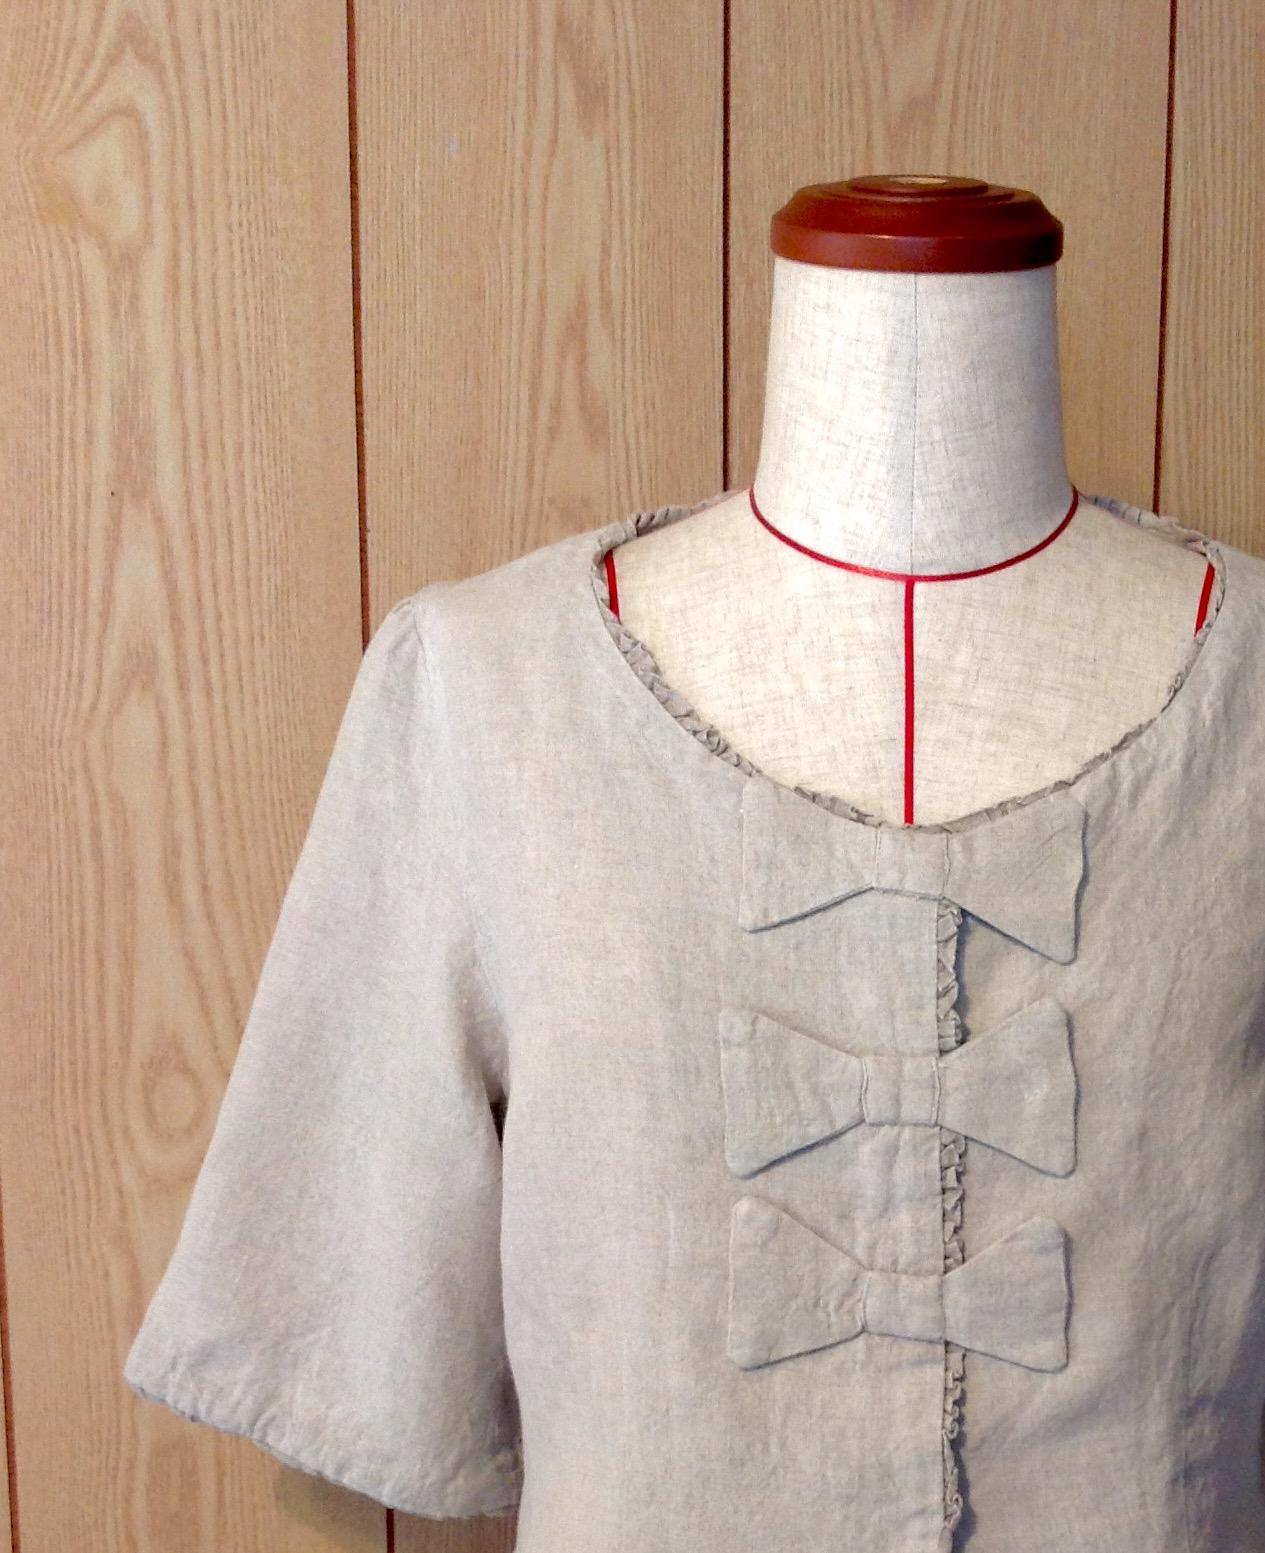 これからの季節にピッタリ! 丁寧な手作業から生まれた上質なベルギーリネンのジャケットはいかが?